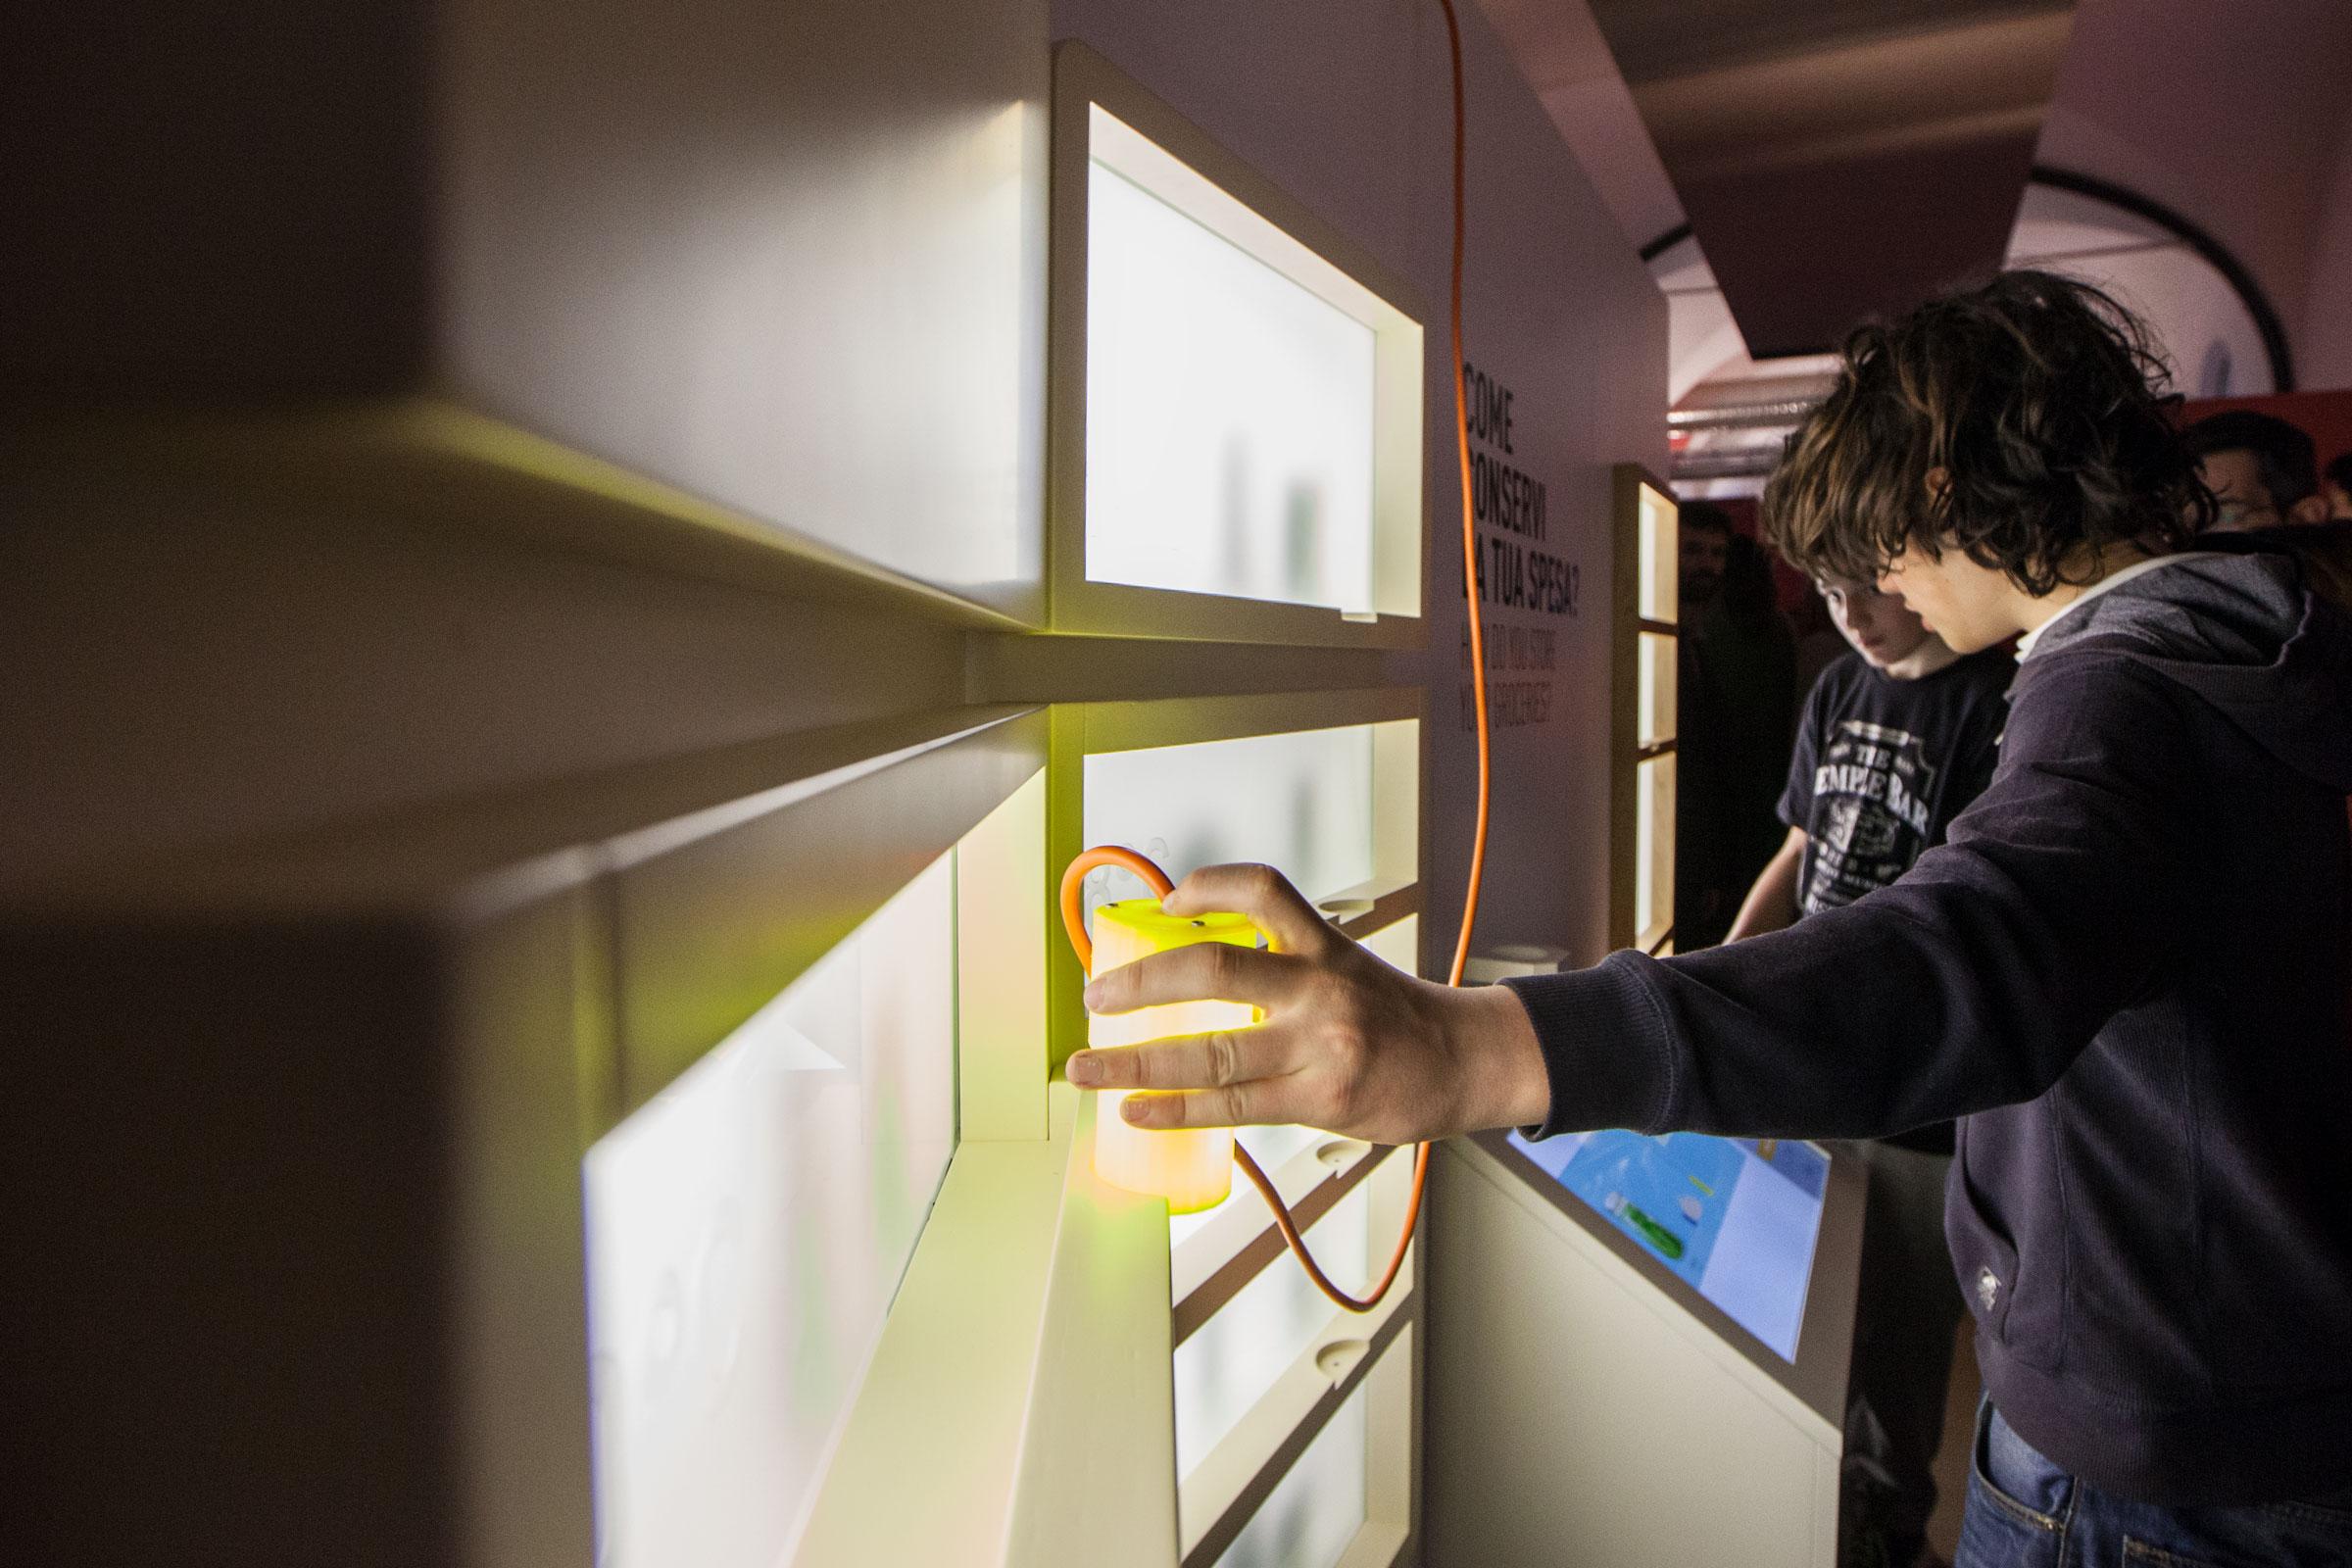 installazione interattiva museo scienza tecnica milano